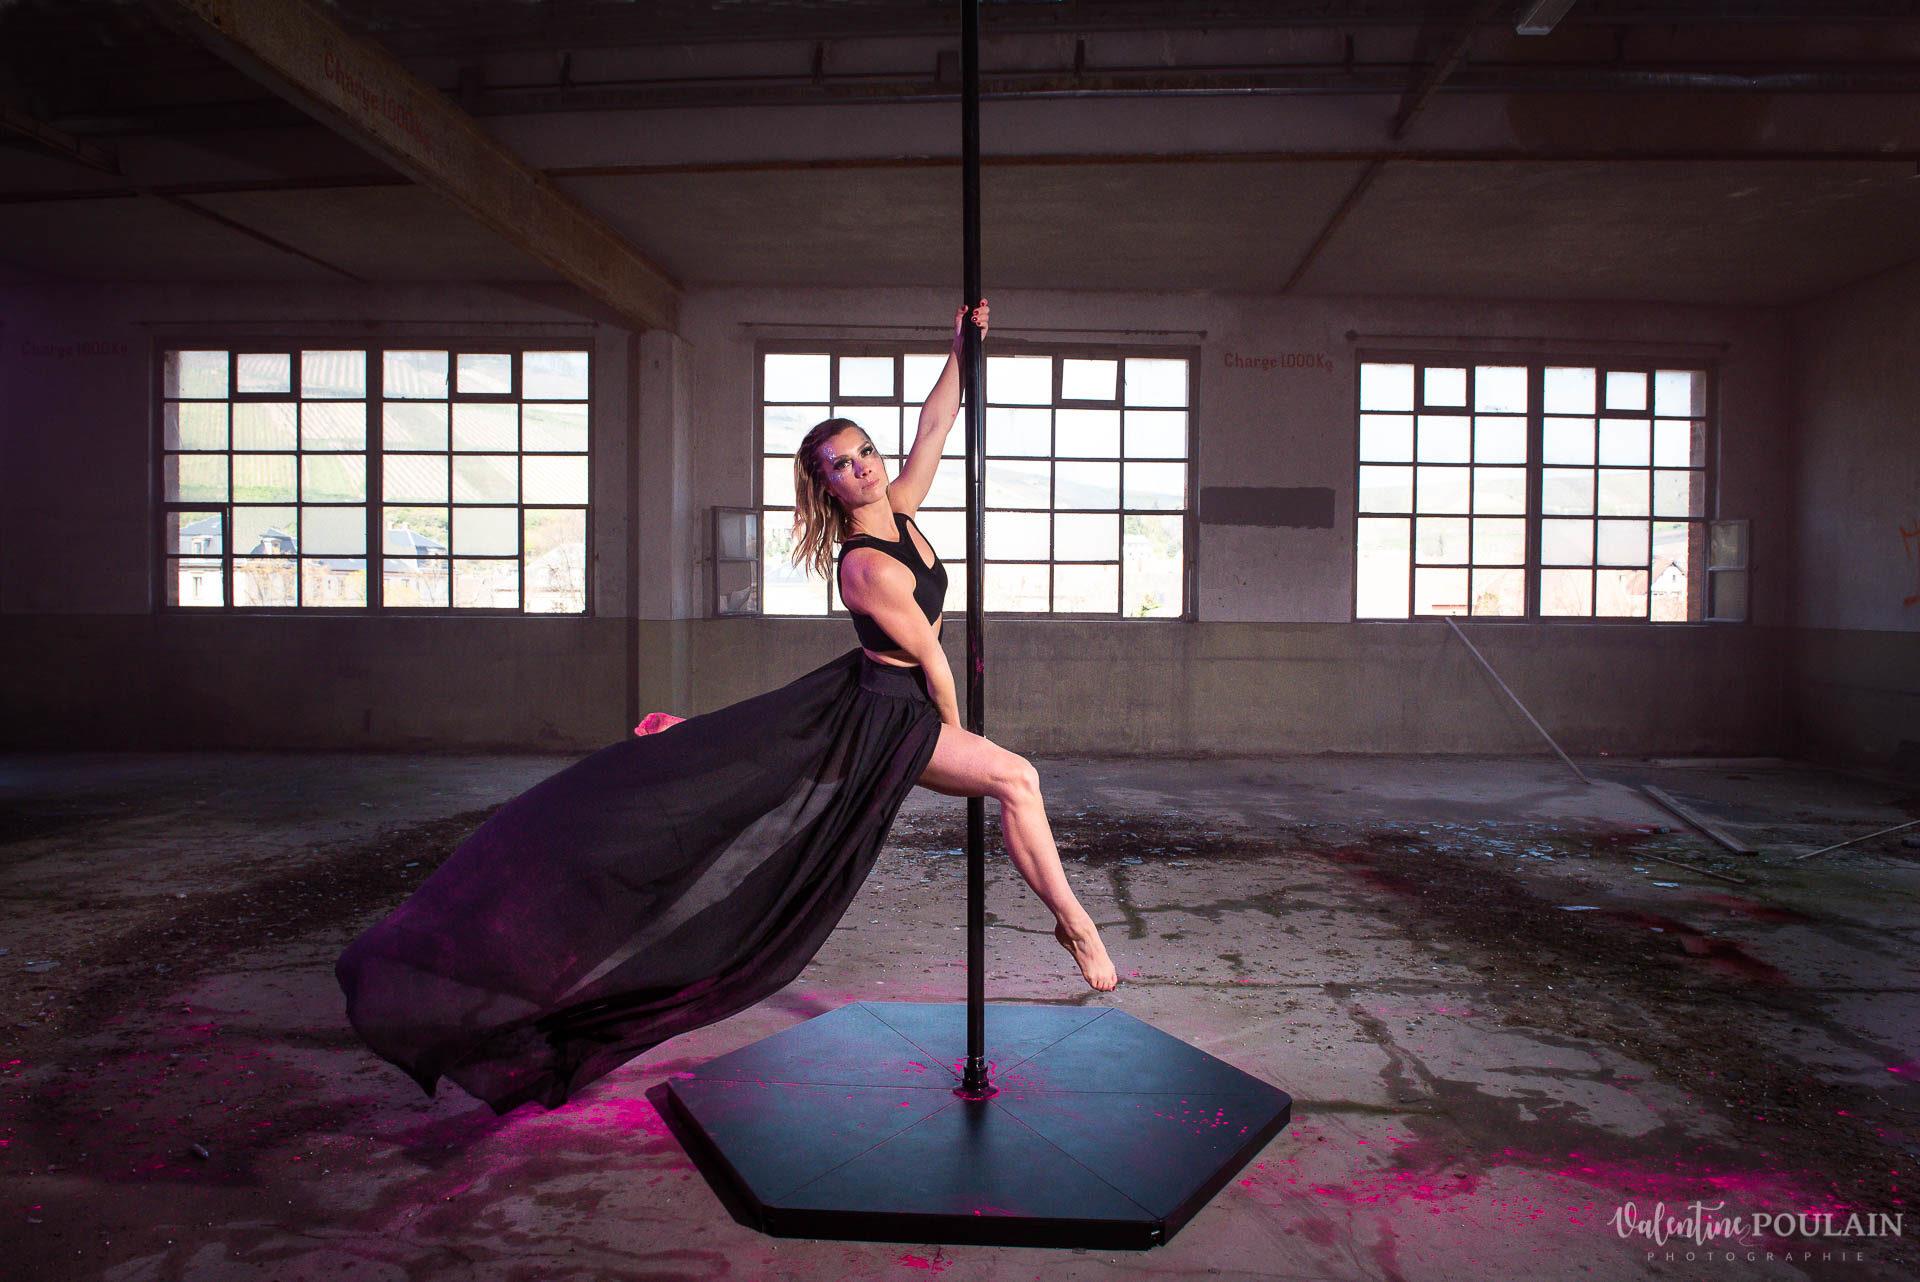 Shooting artistique pole dance - Valentine Poulain